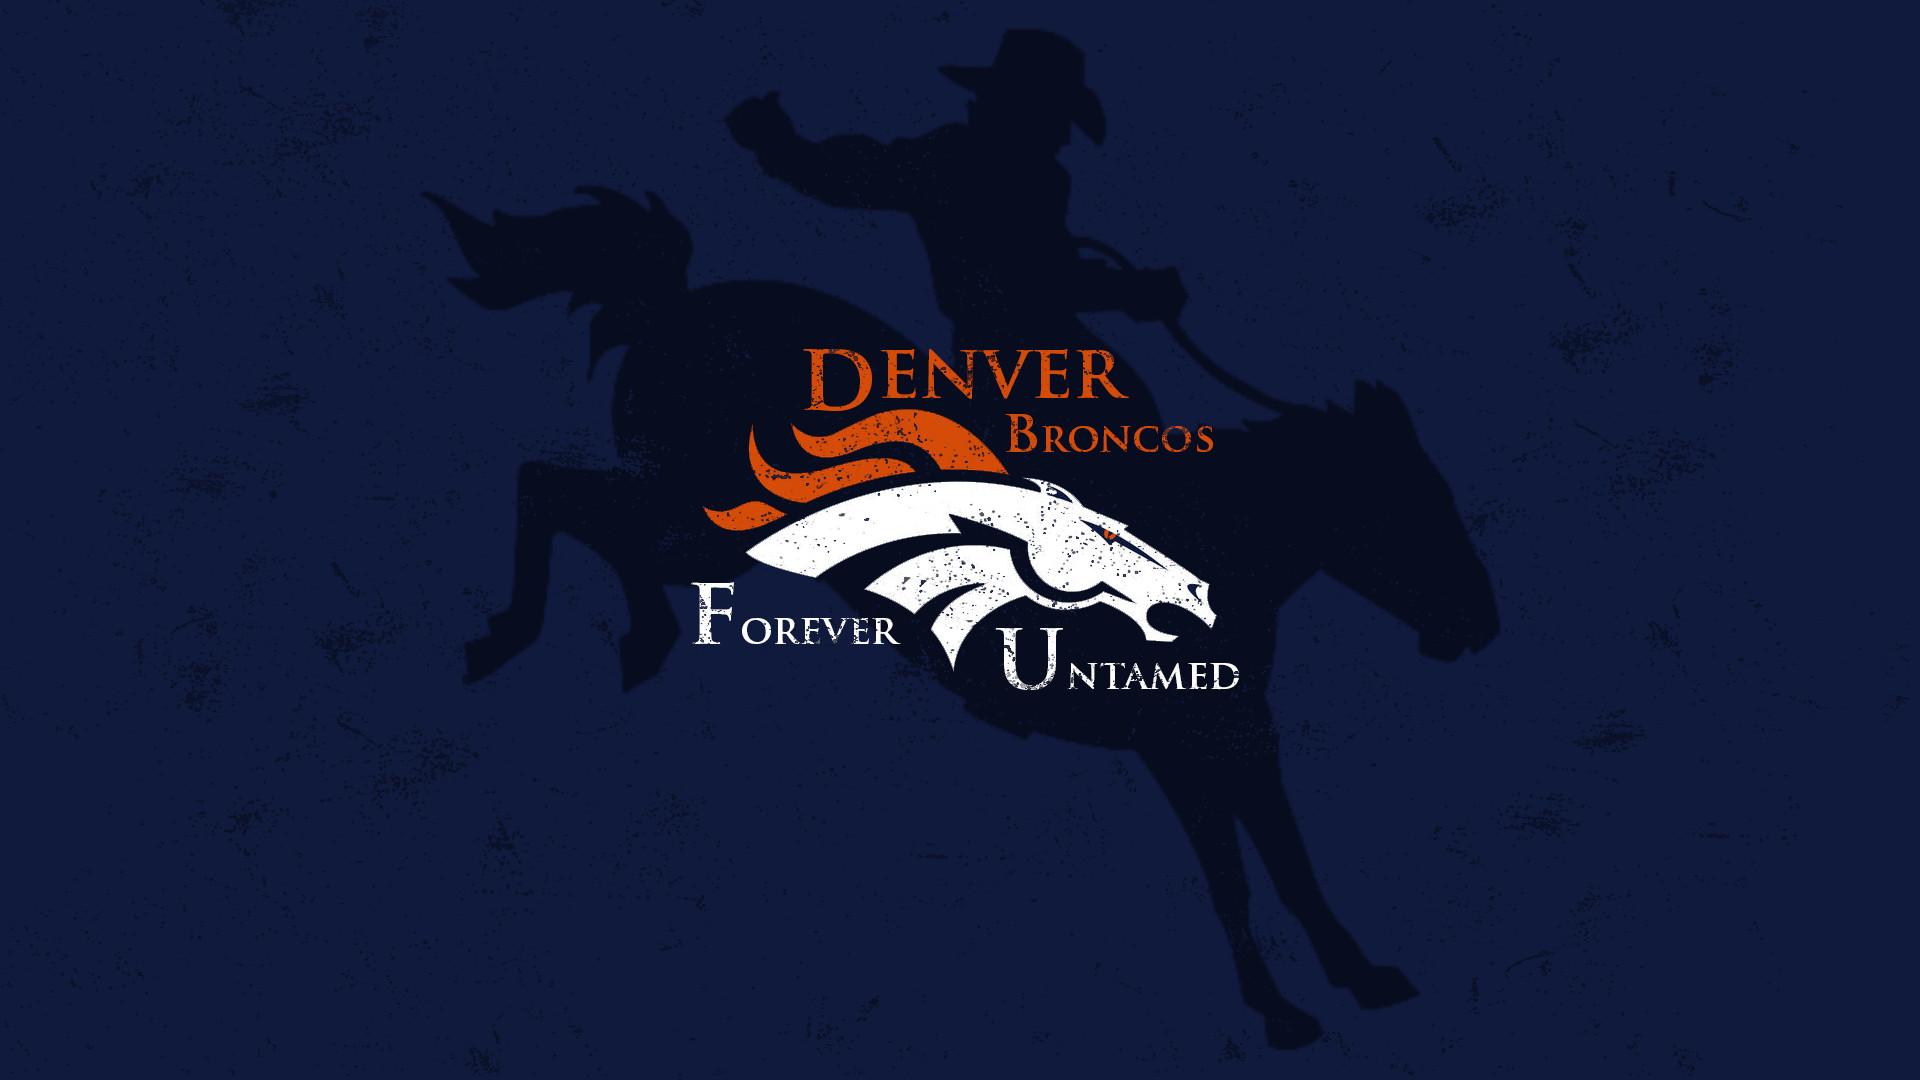 Denver Broncos 1920x1080